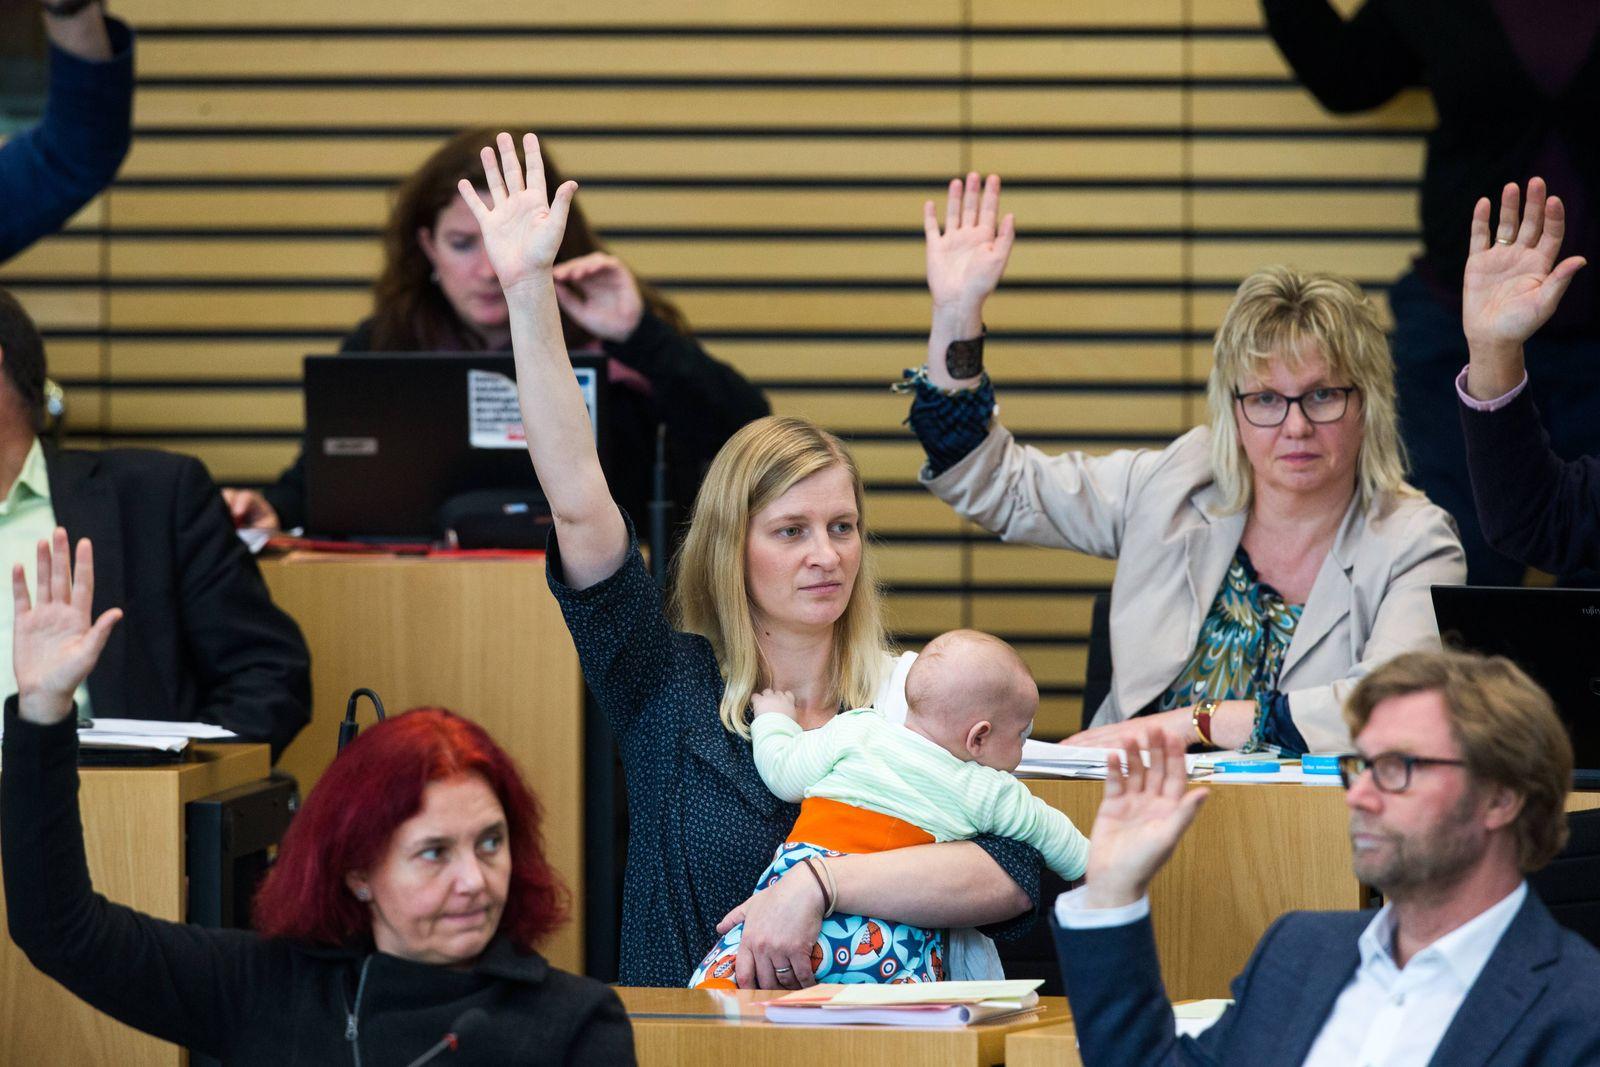 Erfurt 091118 Landtag Thüringen Plenum Plenarsitzung im Bild Madeleine Henfling Die Grünen